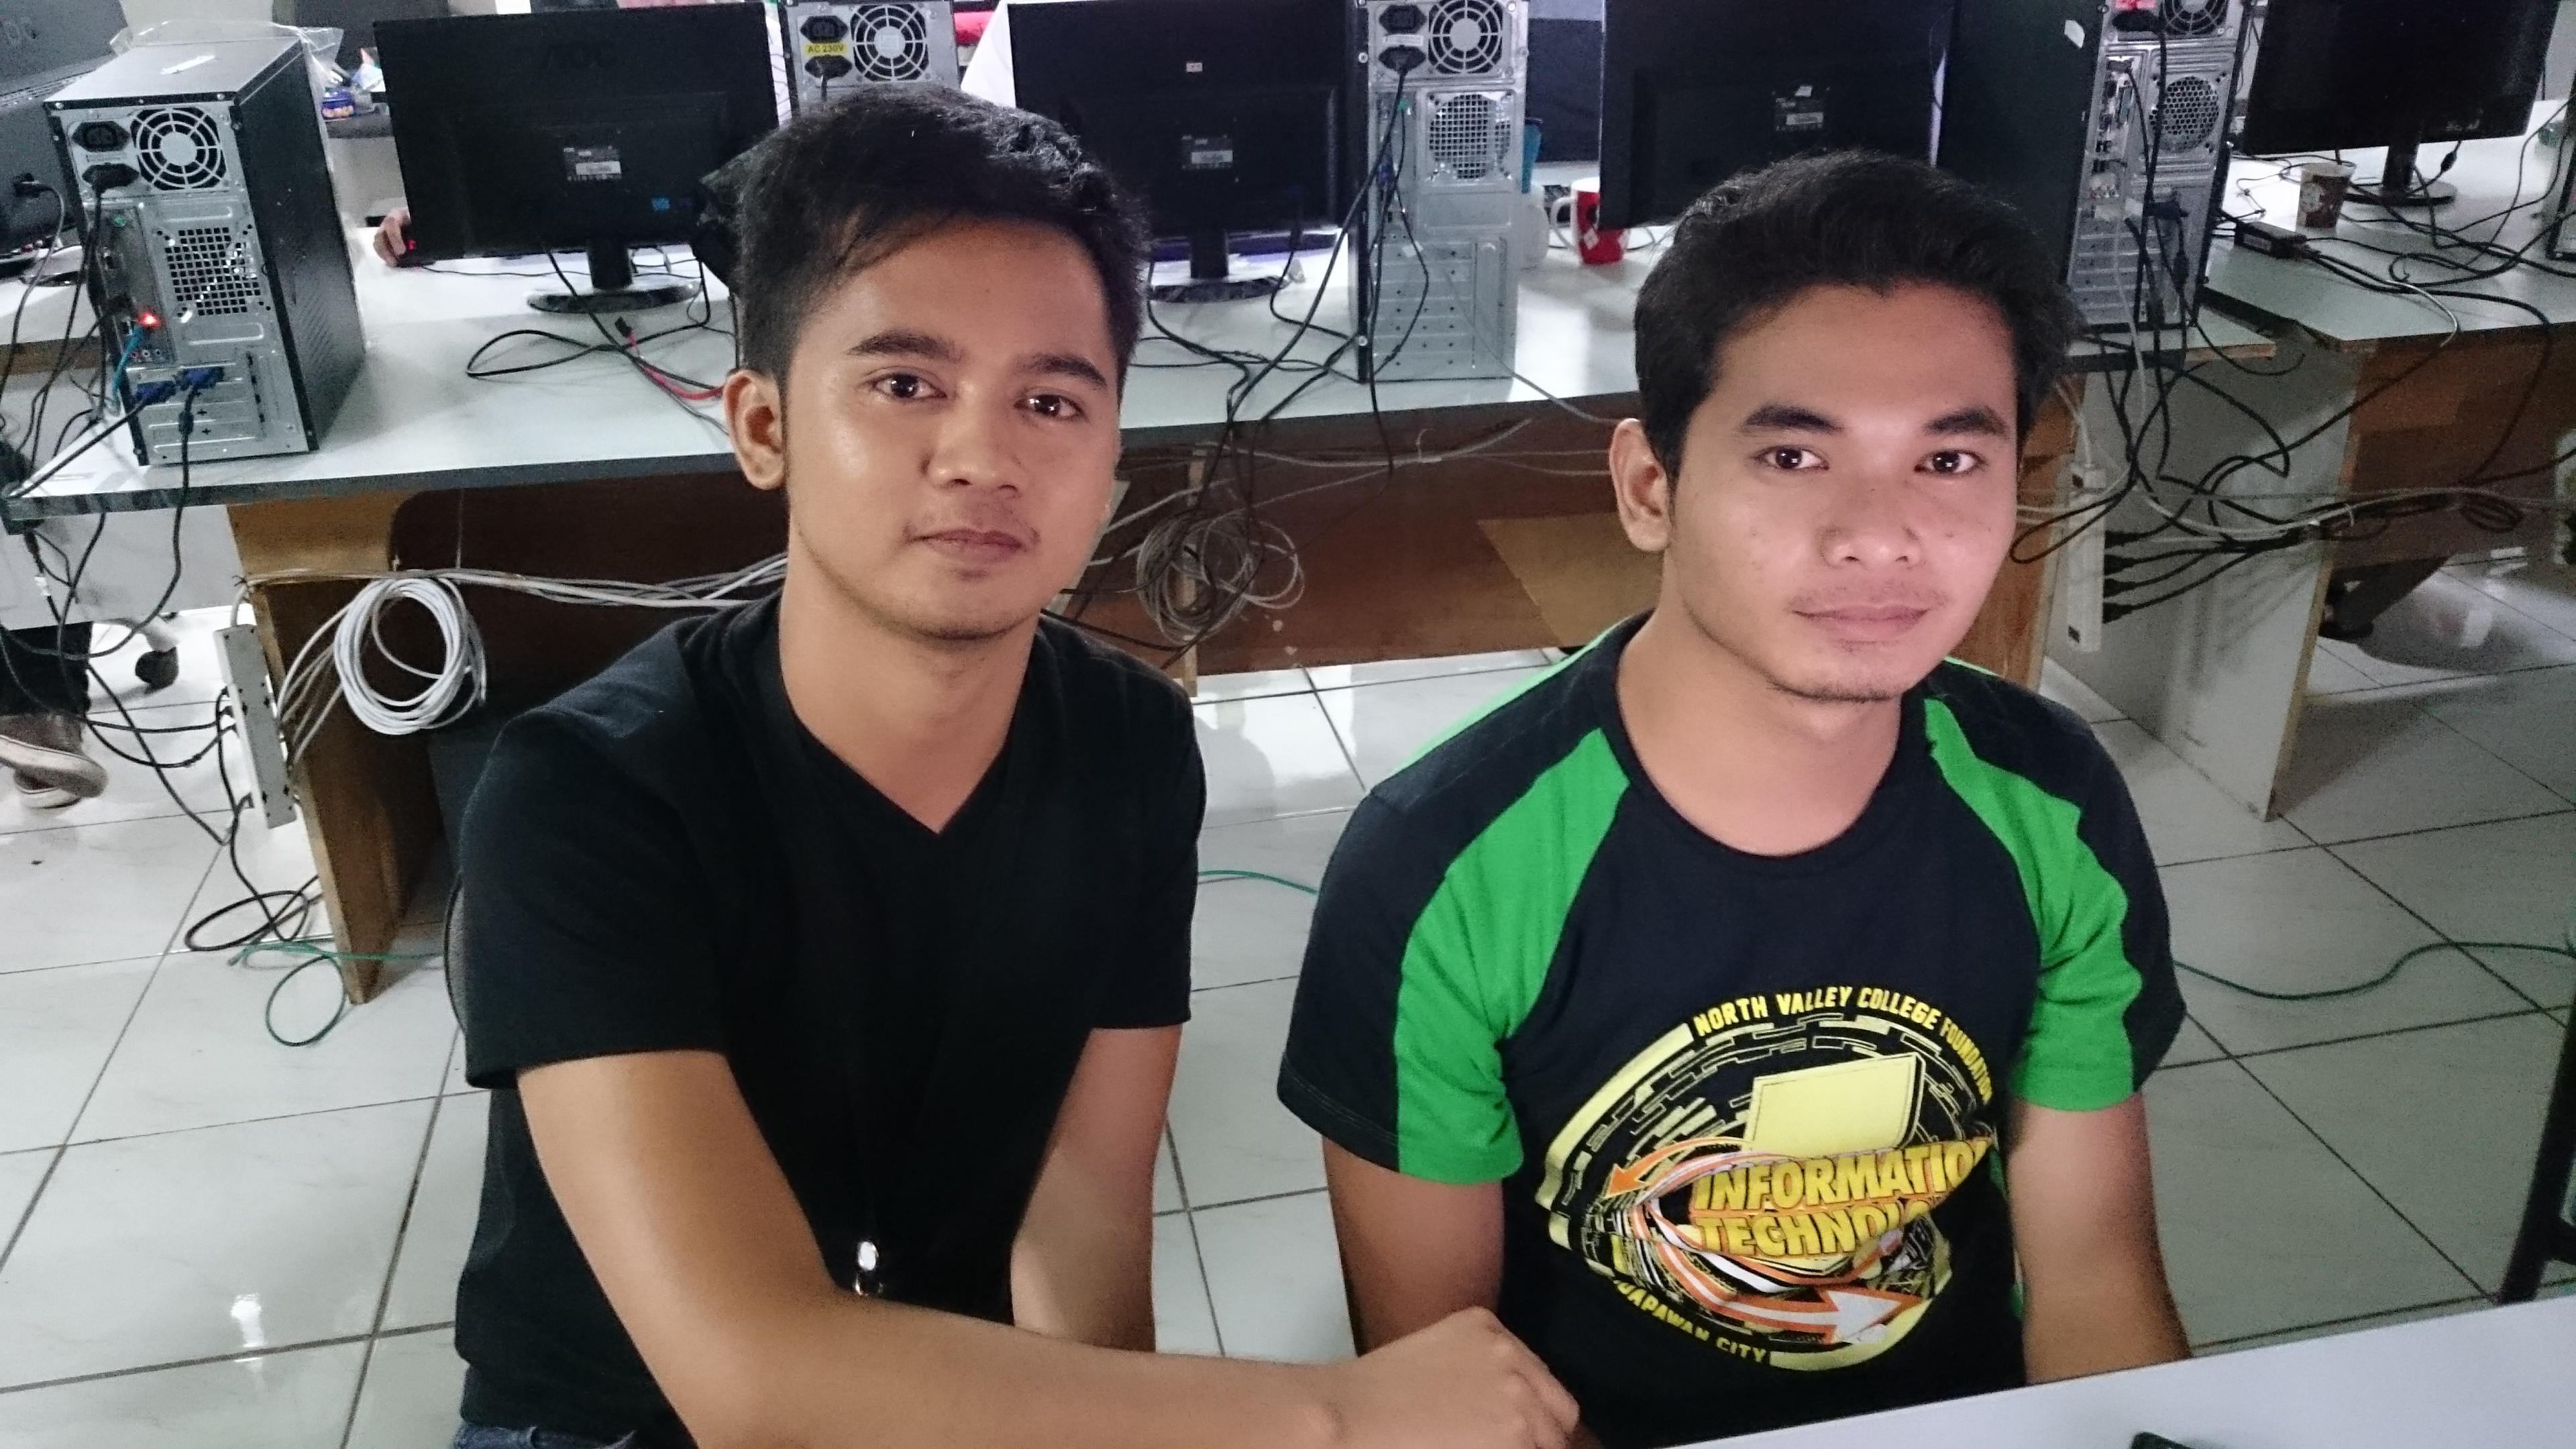 Pjay & Jayson a1